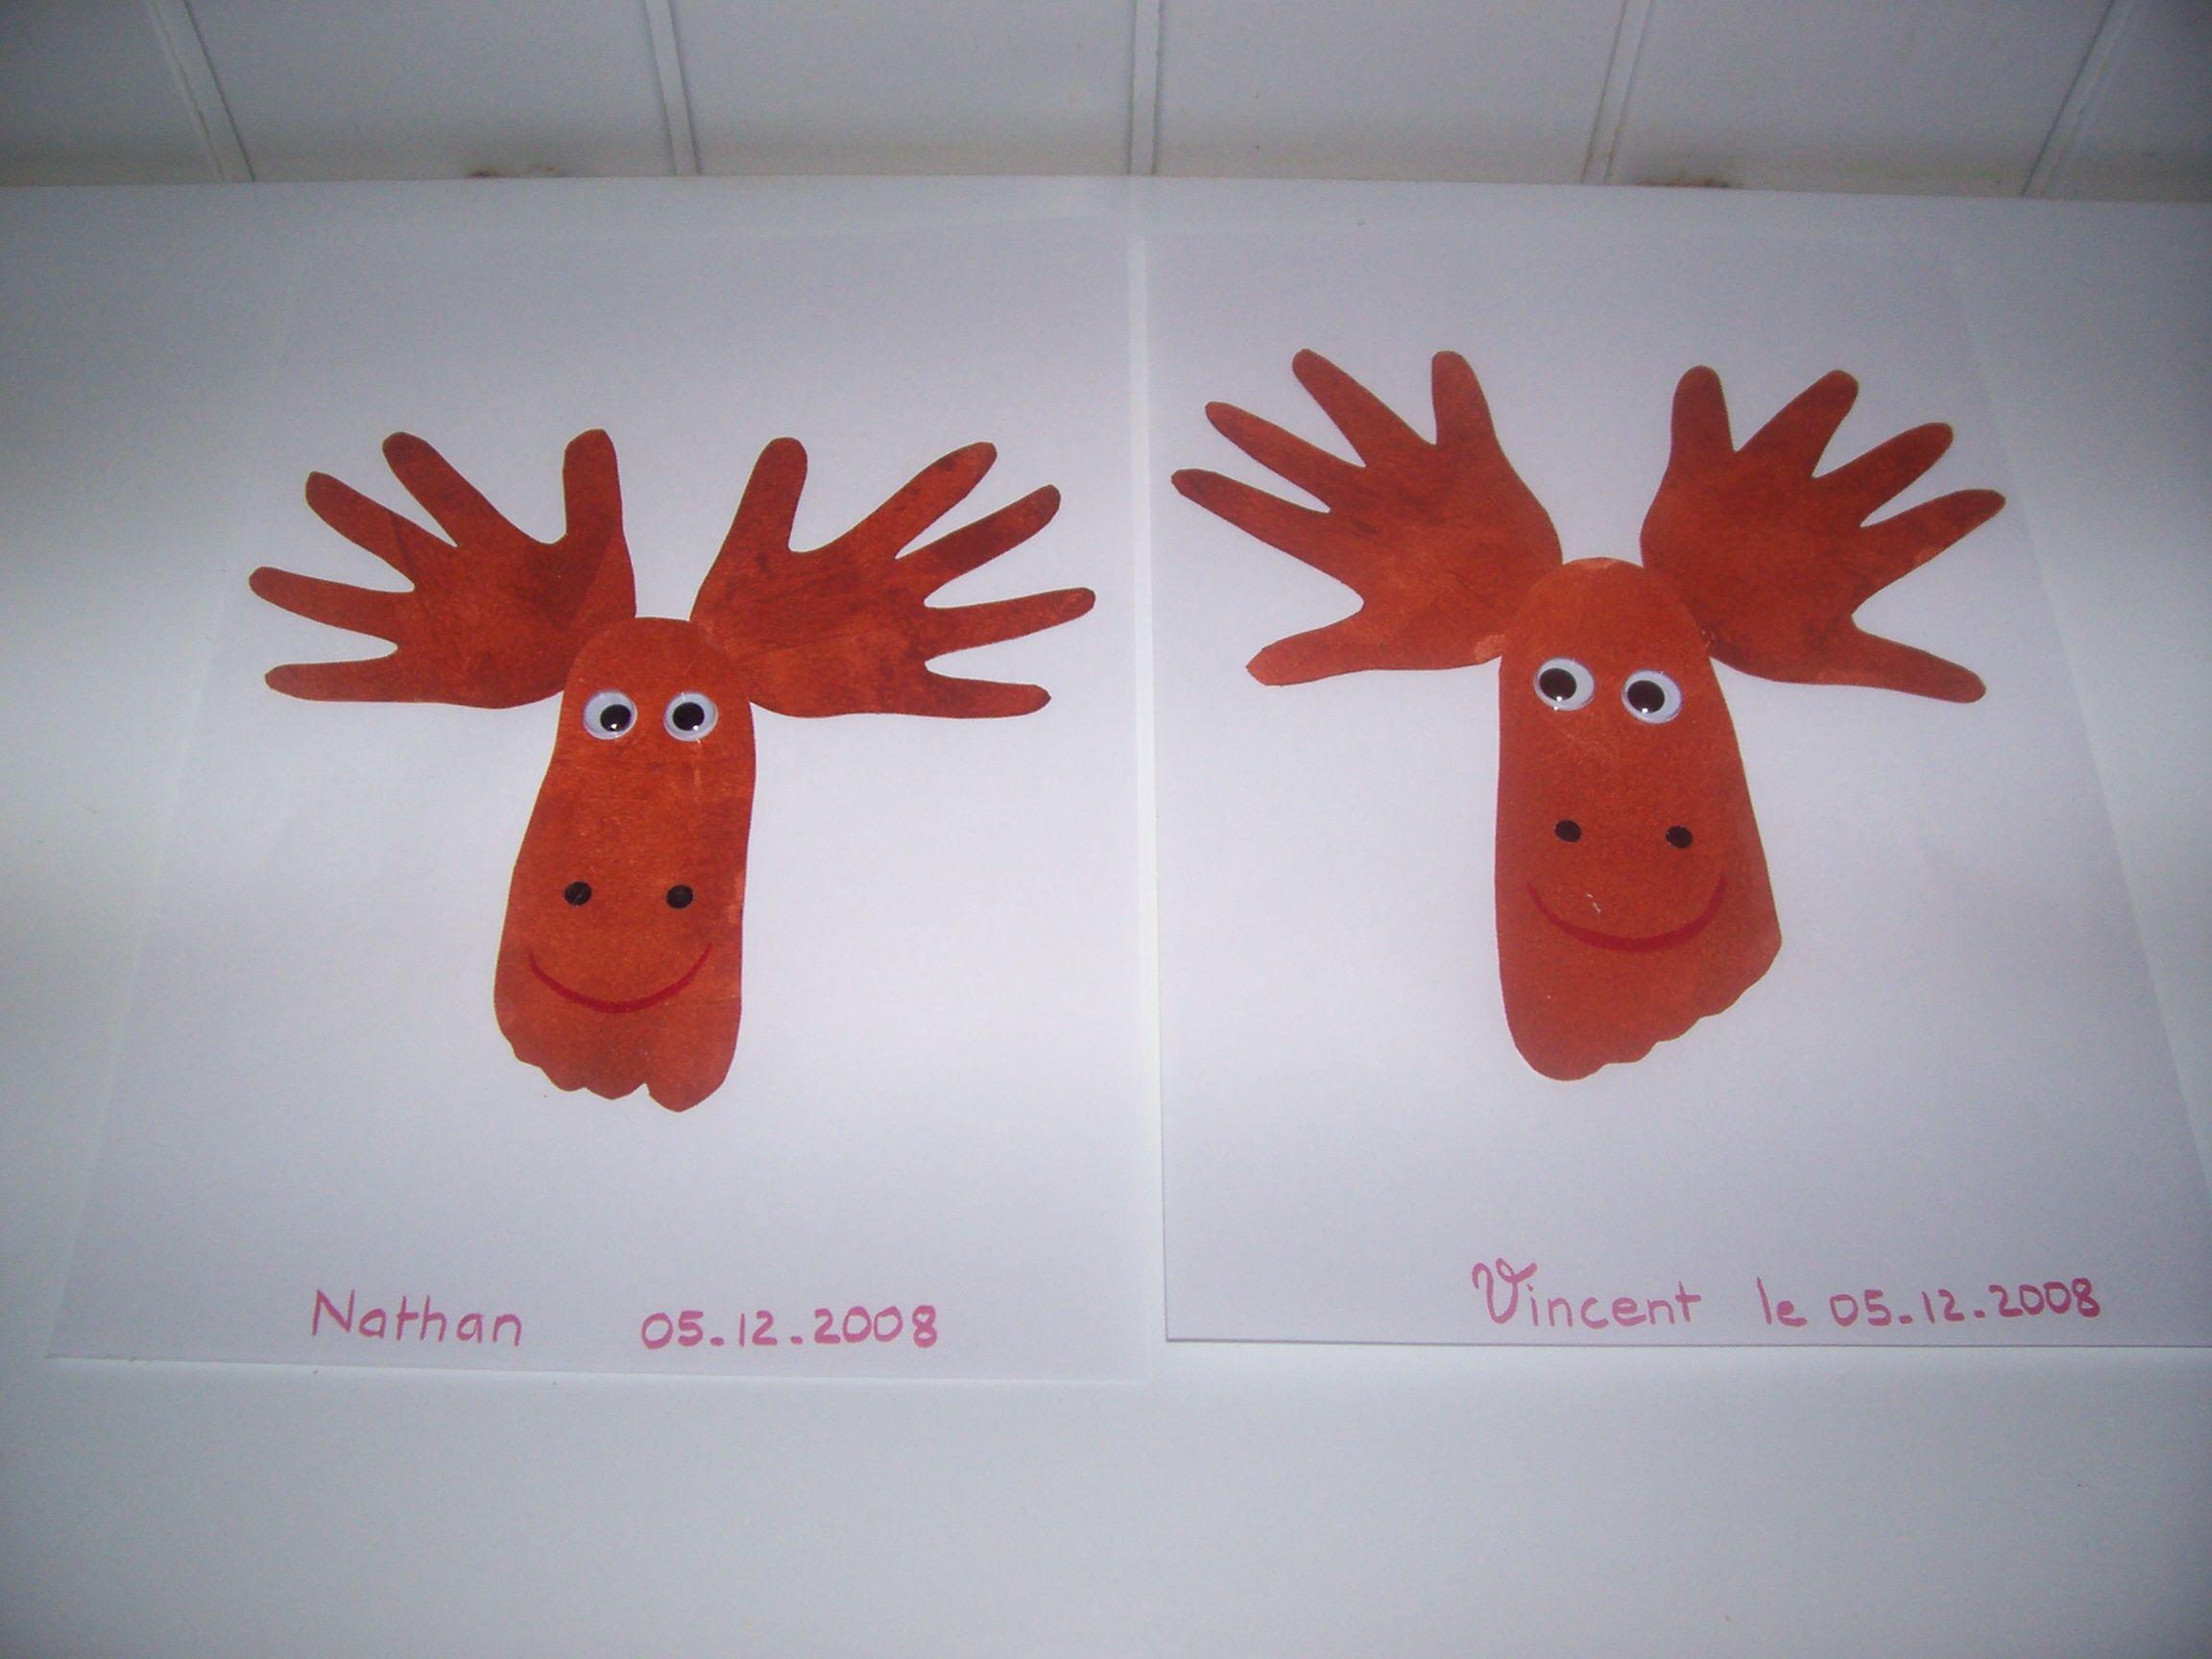 Activité Manuelle Noël se rapportant à les rennes du père noël, avec les empreintes de mains, et de pieds